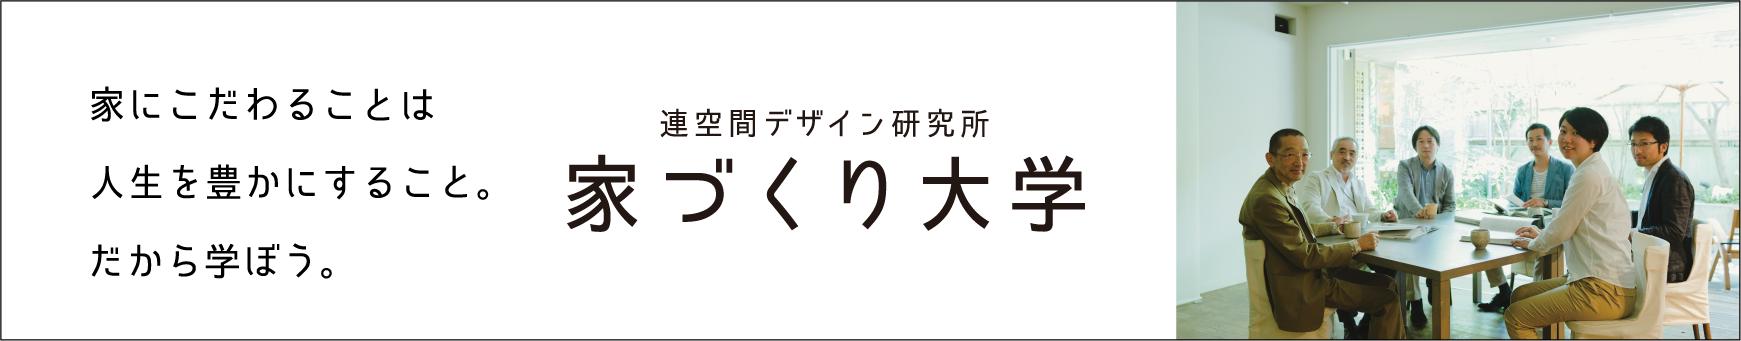 バナー-01-01